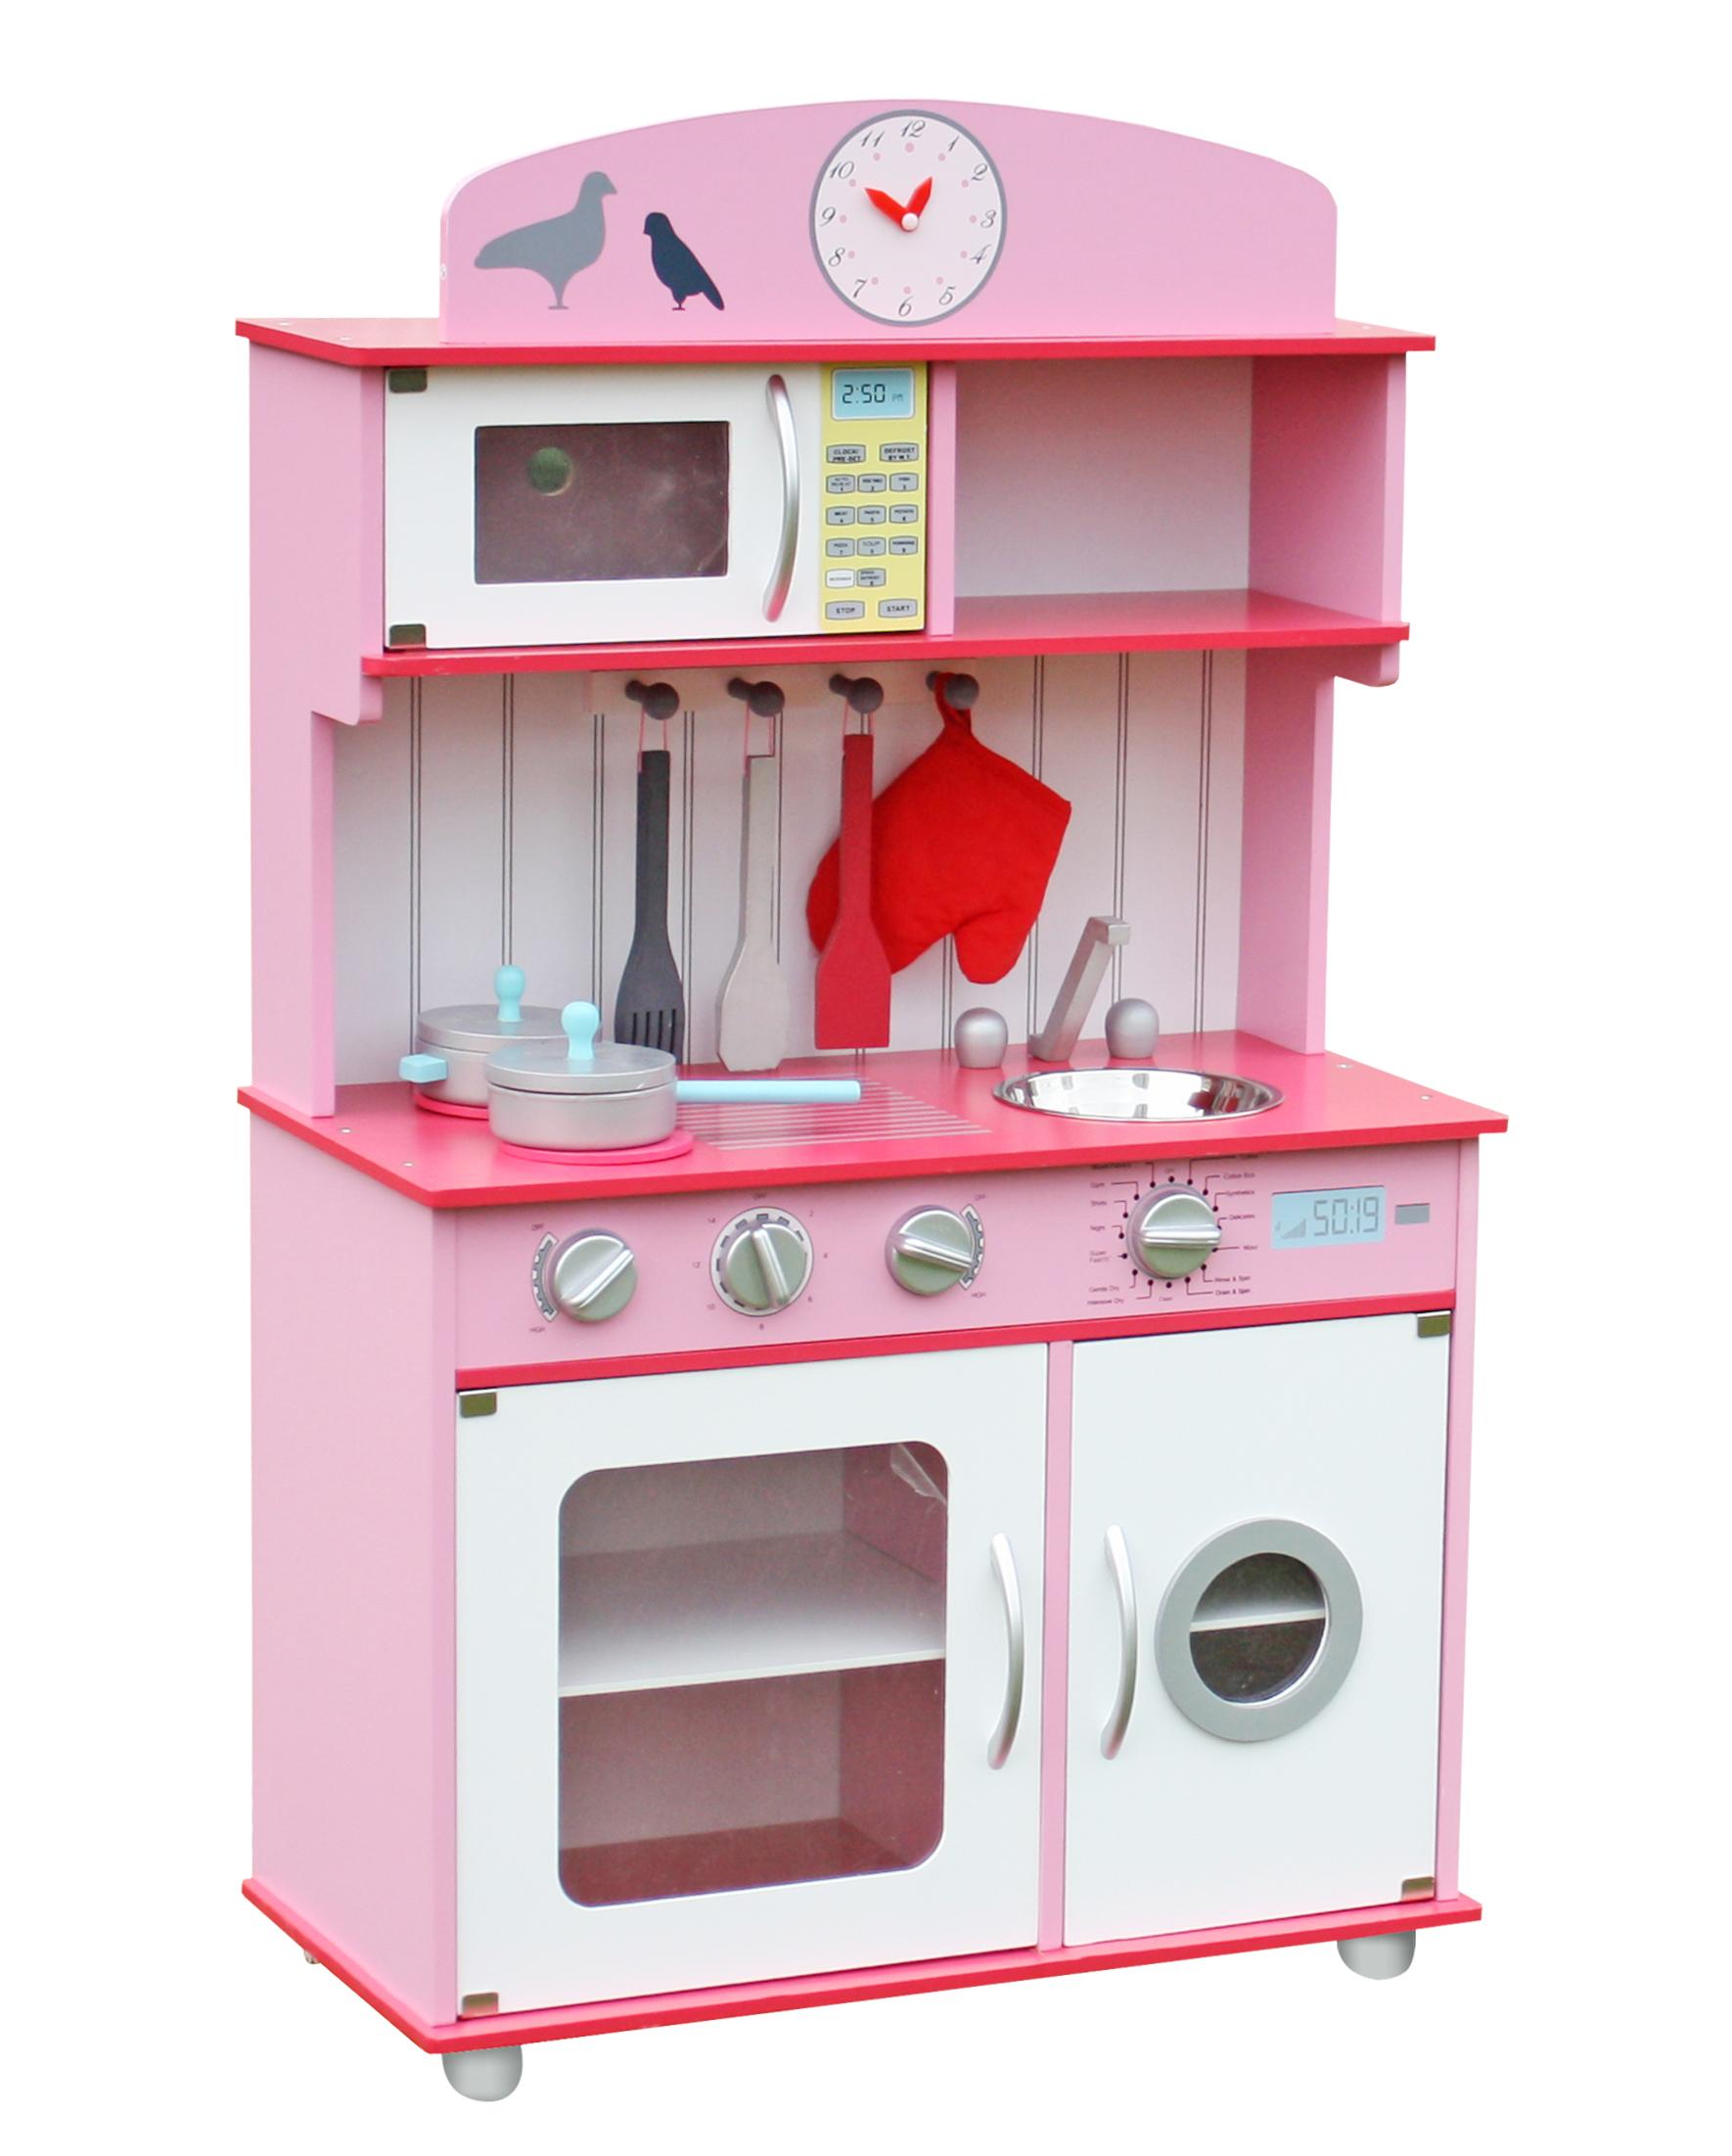 מודיעין Last Shop - אזל מהמלאי!! מטבח לילדים דגם XW-56